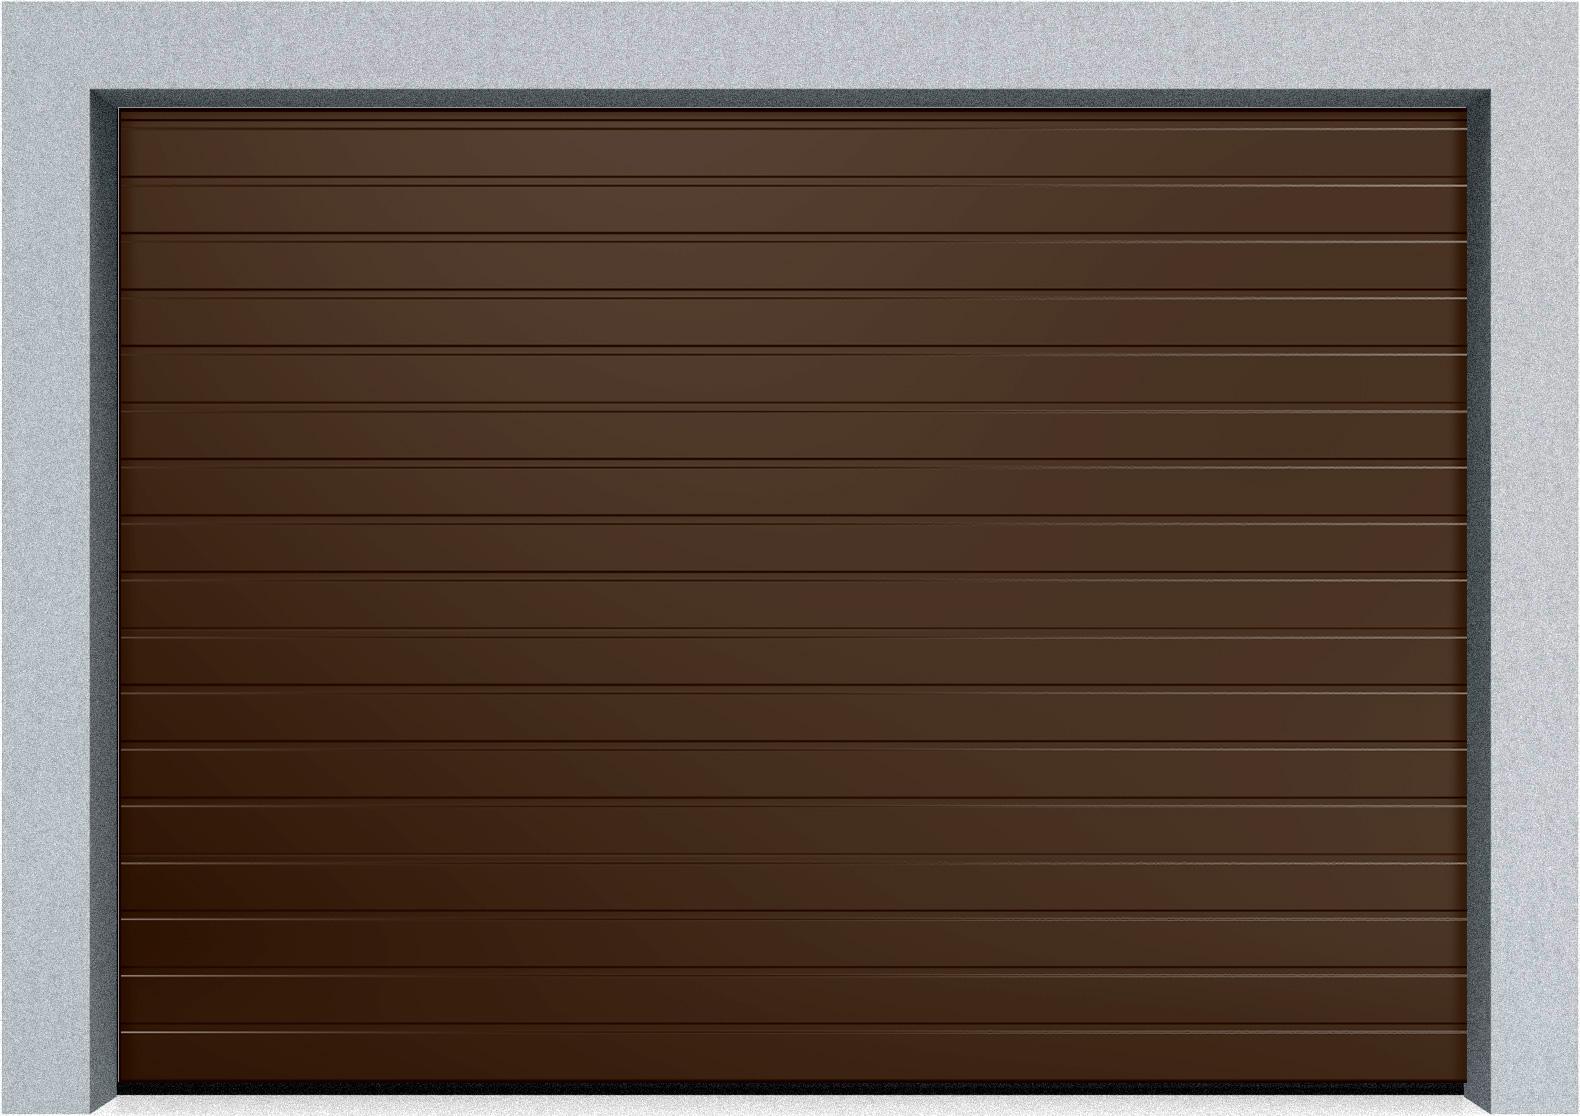 Секционные промышленные ворота Alutech ProTrend 2375х2375 S-гофр, Микроволна стандартные цвета, фото 2